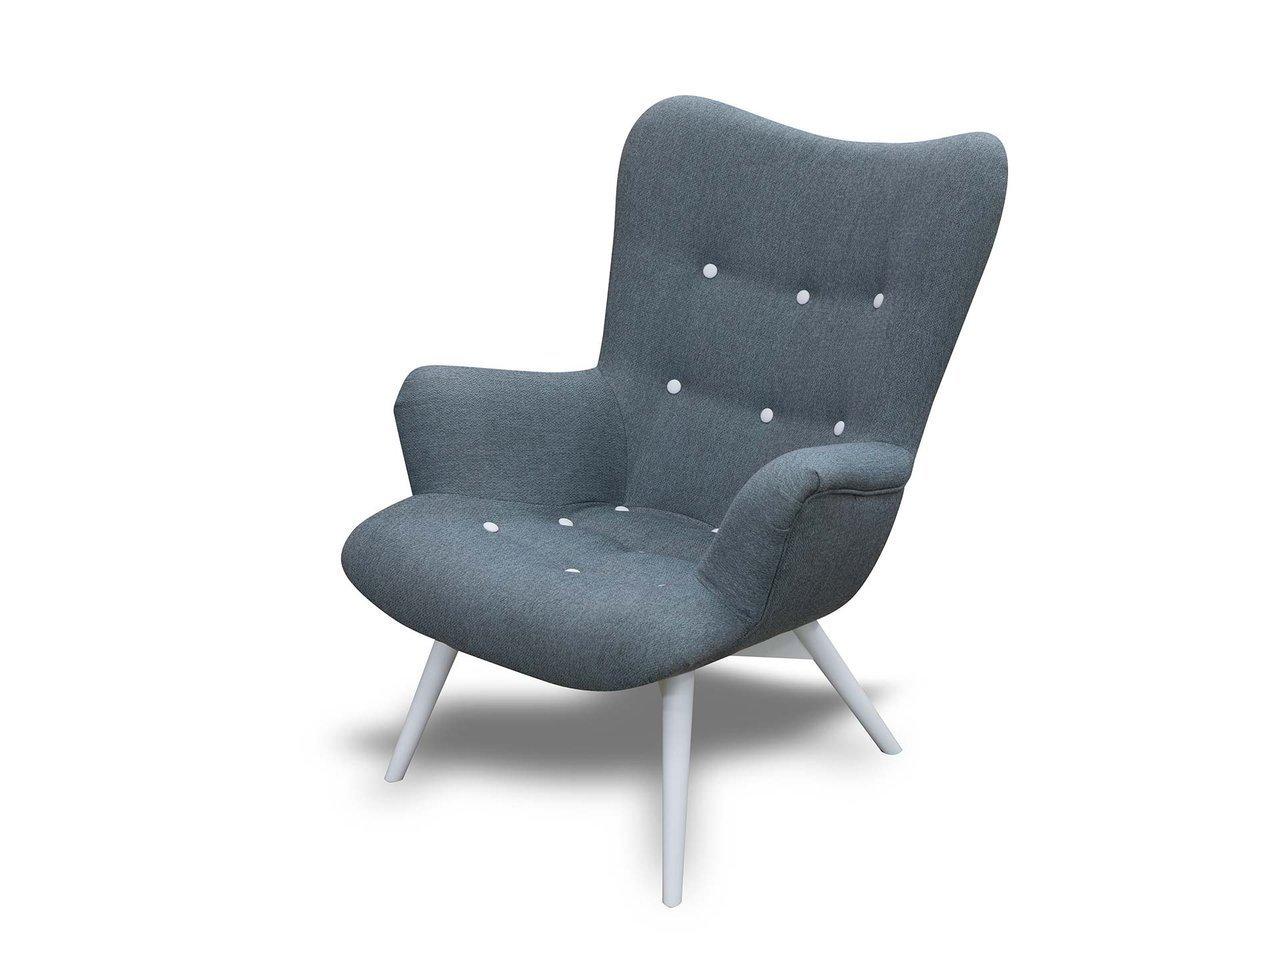 Fotel do salonu skandynawski